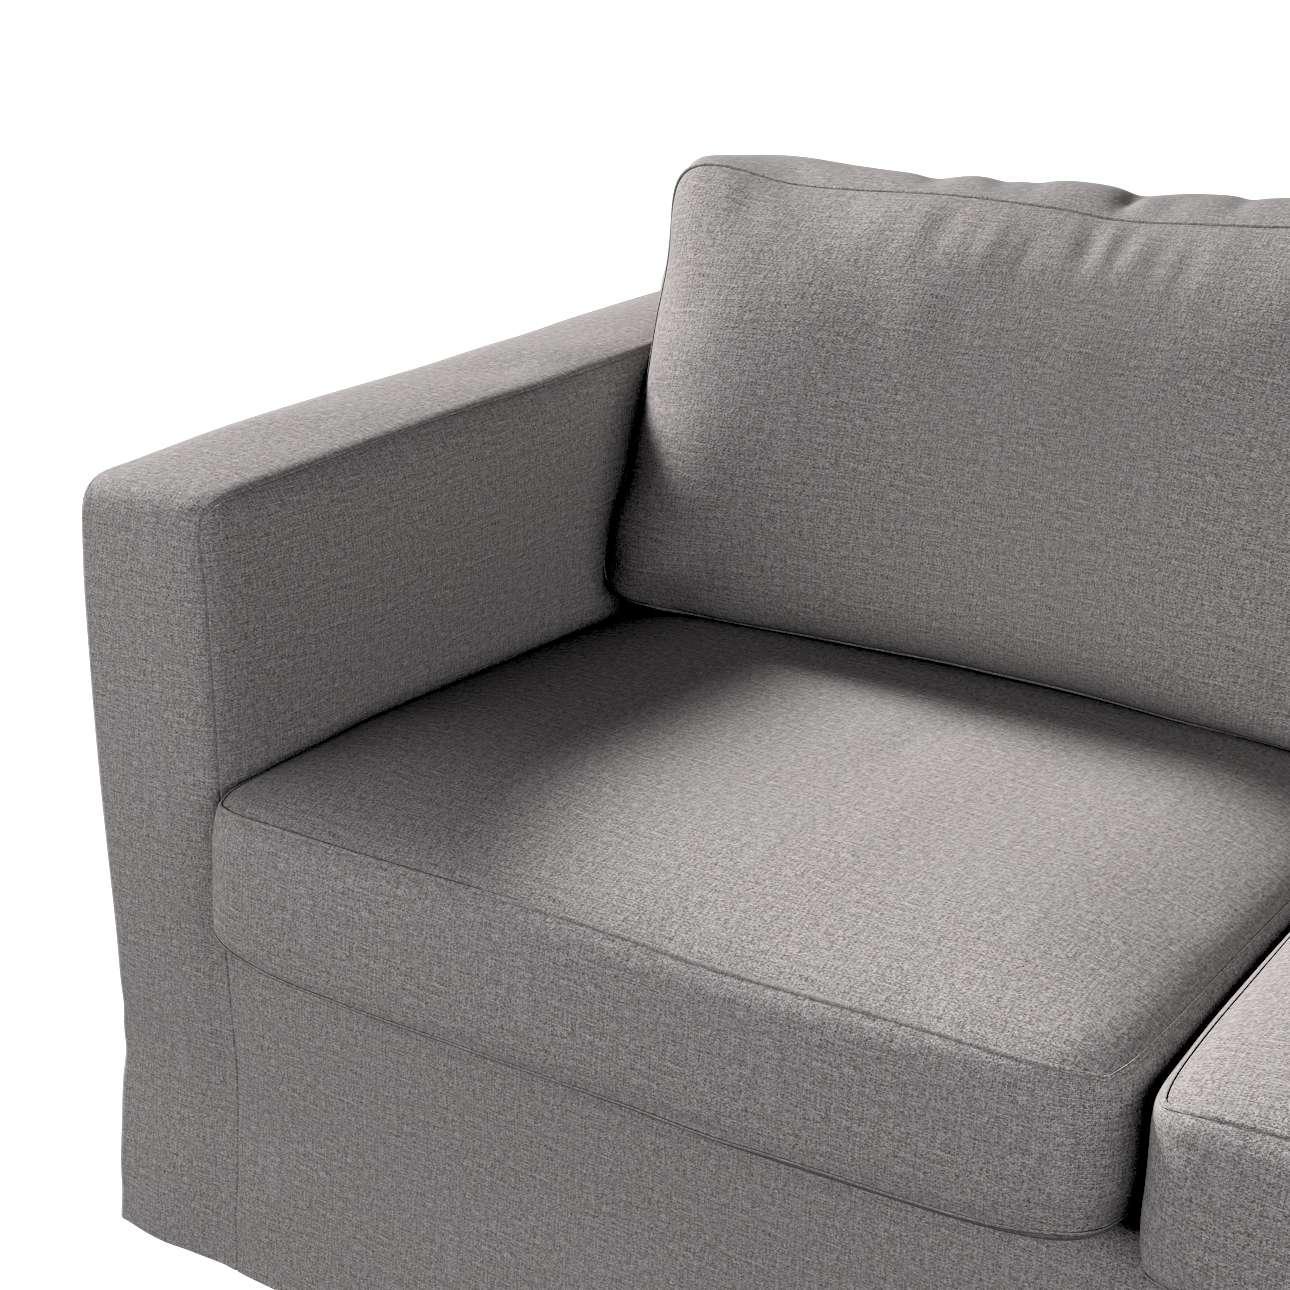 Pokrowiec na sofę Karlstad 2-osobową nierozkładaną długi w kolekcji Edinburgh, tkanina: 115-81